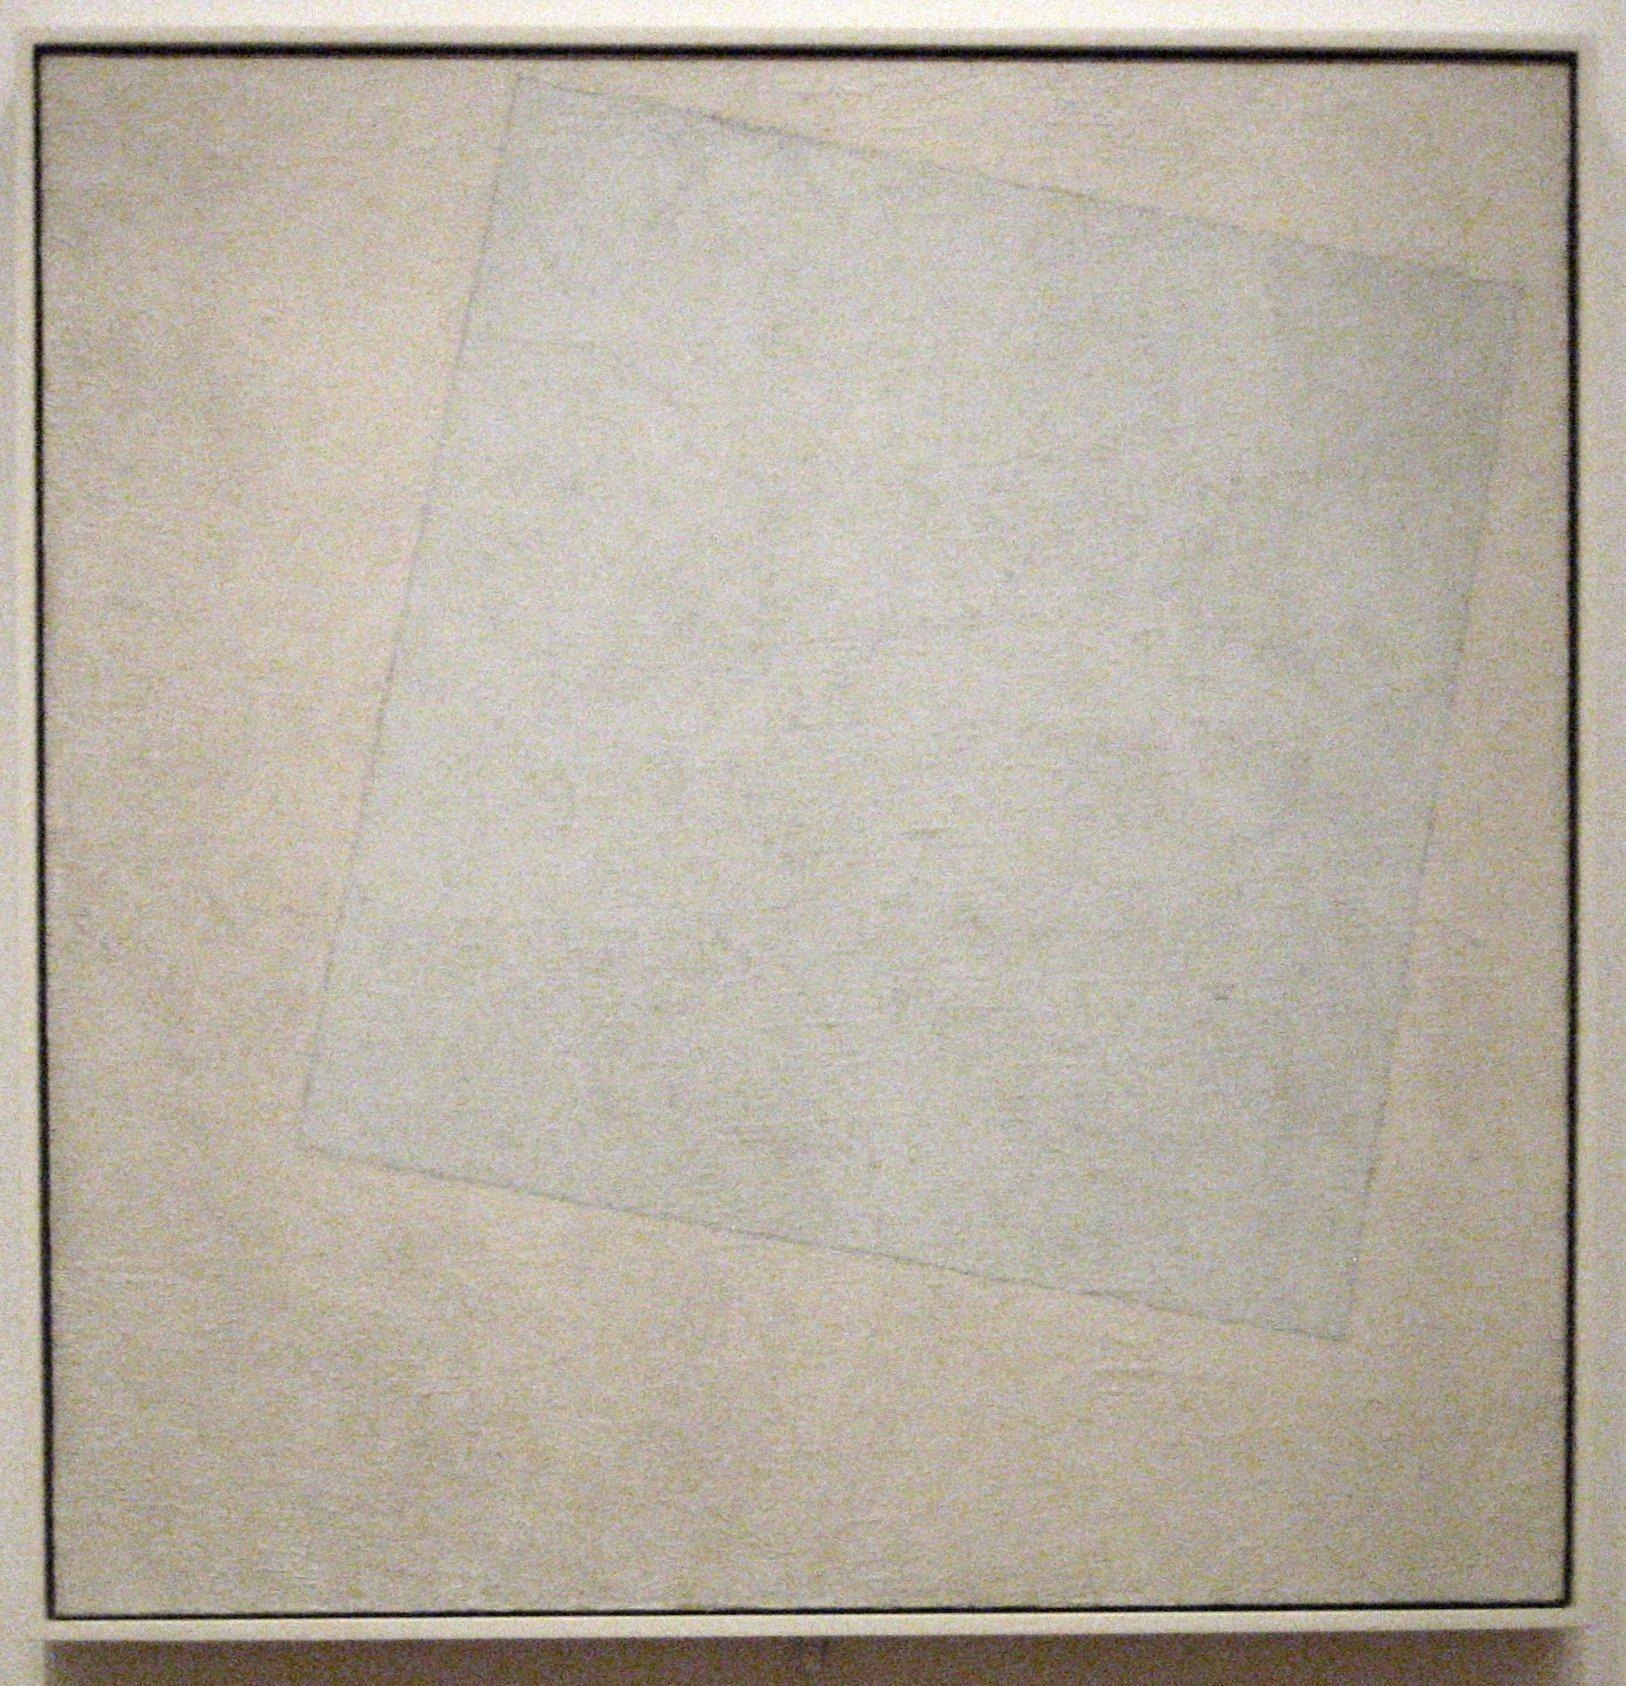 carré blanc sur fond blanc , huile sur toile de Kasimir Malevitch, 1918. Museum of Modern Art de New York